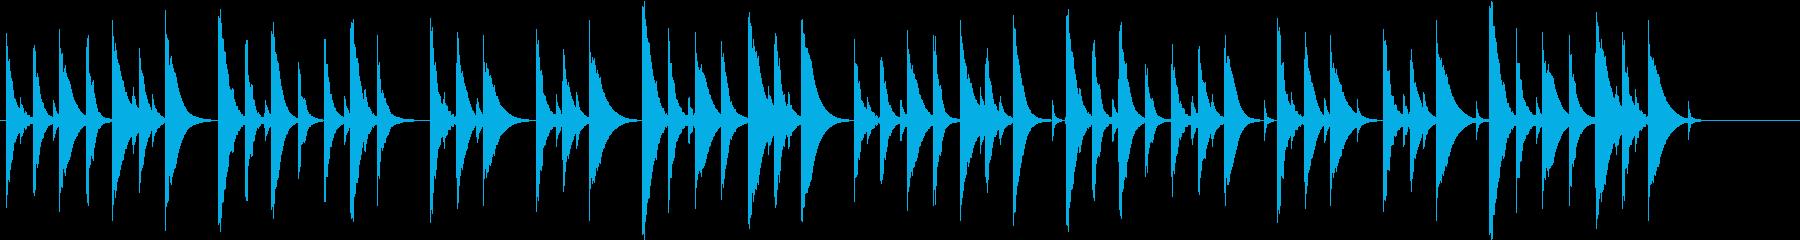 ほのぼのした雰囲気のある木琴の短い曲の再生済みの波形